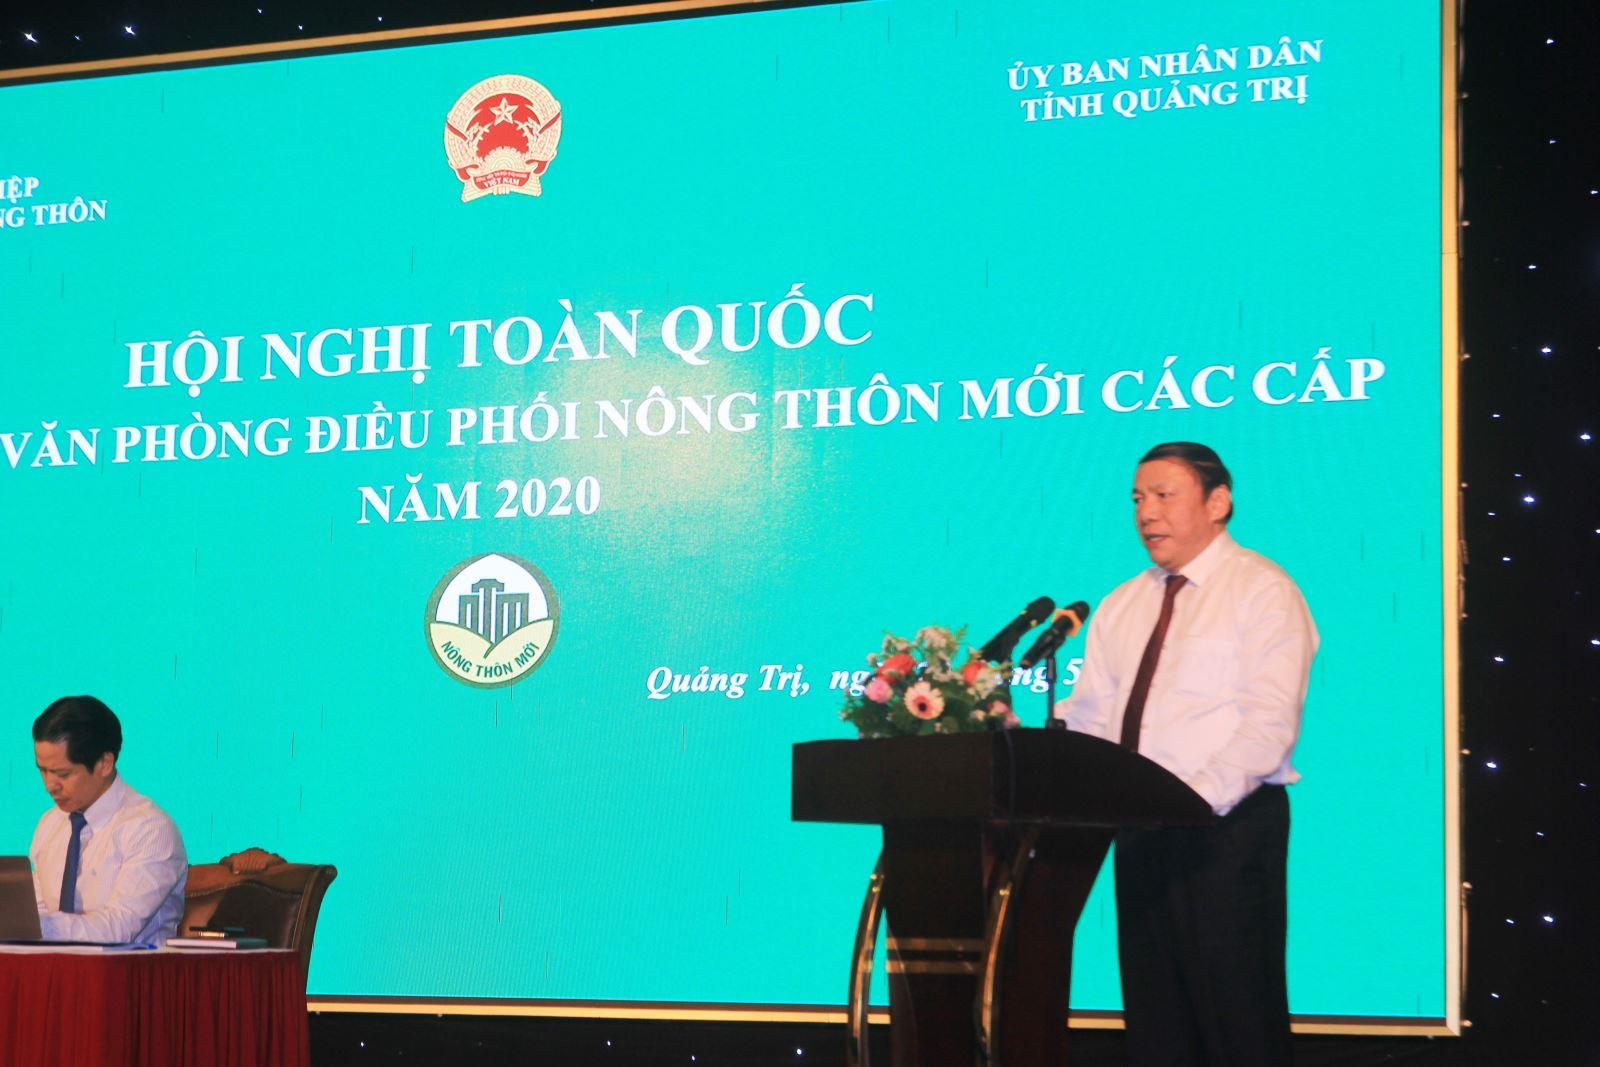 Hội nghị toàn quốc Văn phòng Điều phối nông thôn mới các cấp năm 2020